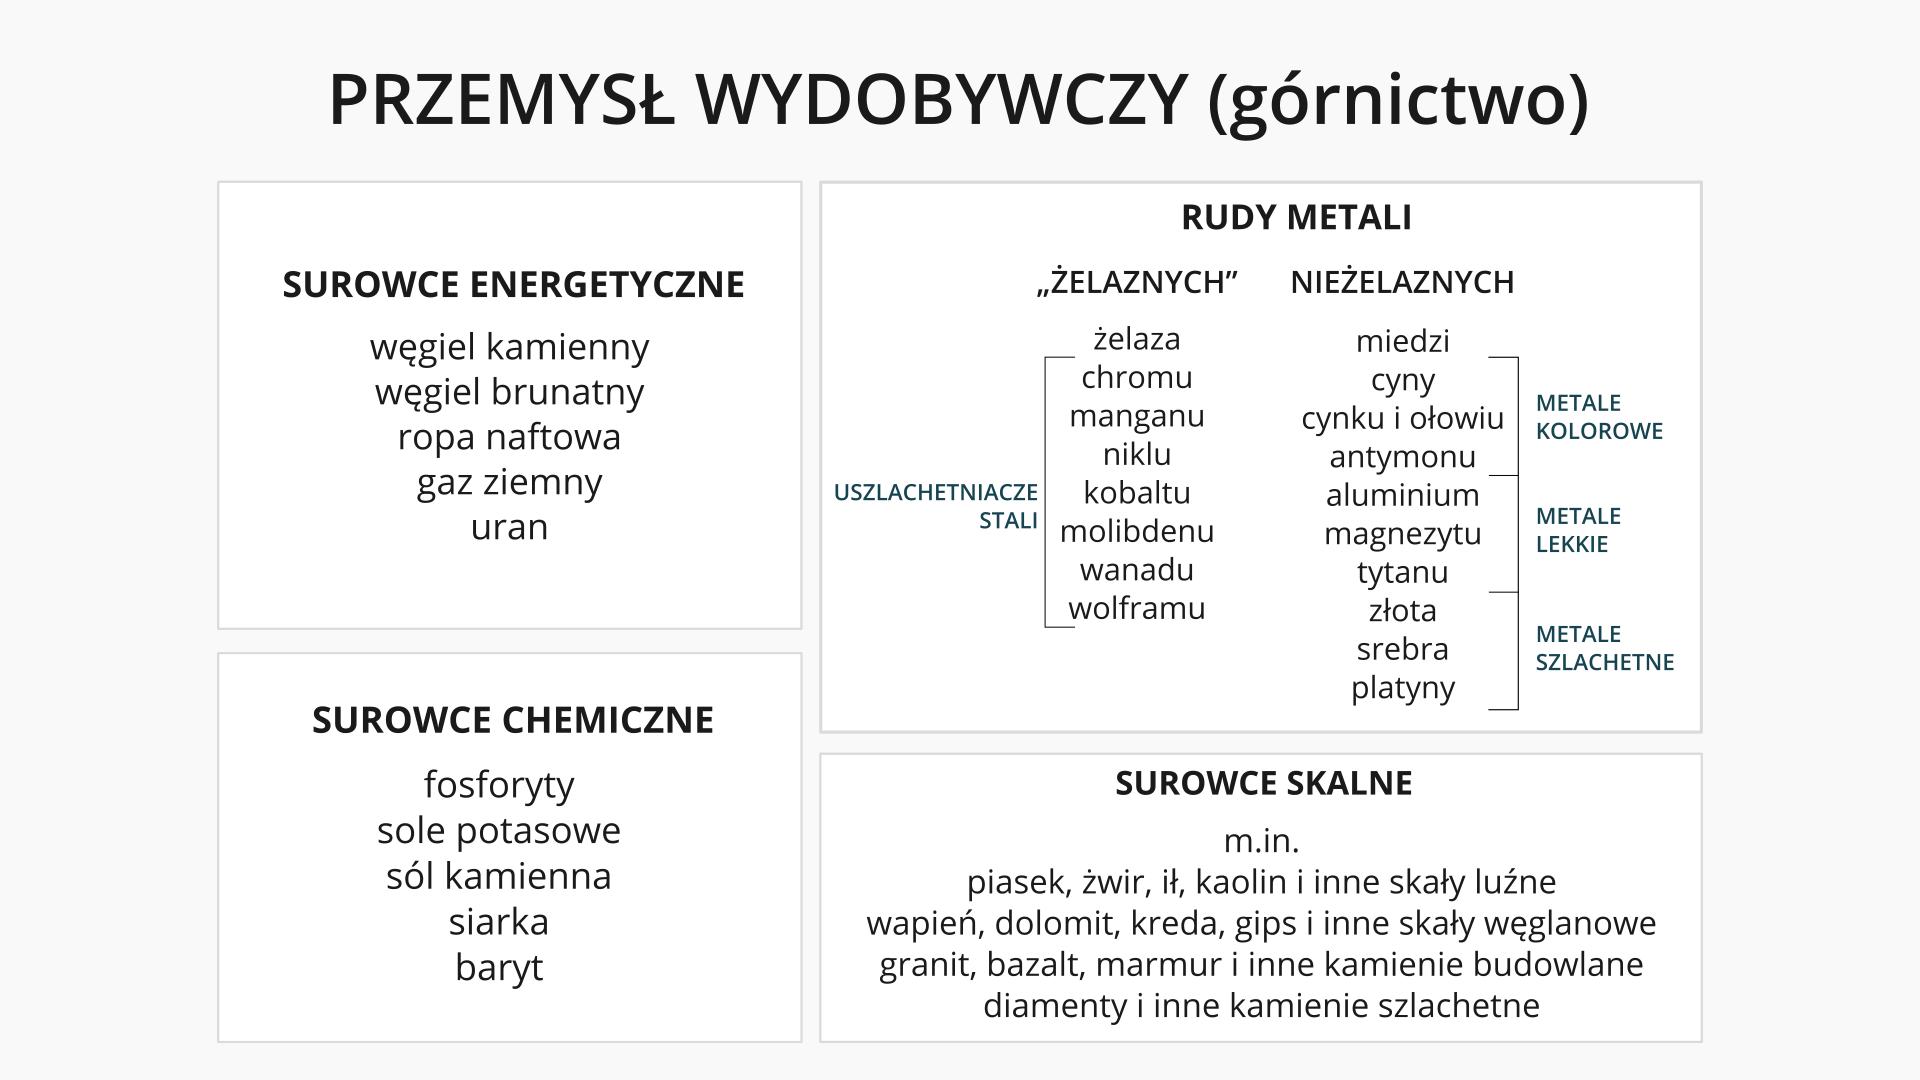 Na ilustracji pierwsza część schematu ogólnego podziału przemysłu: przemysł wydobywczy (górnictwo) – surowce energetyczne, surowce chemiczne, rudy metali, surowce skalne.